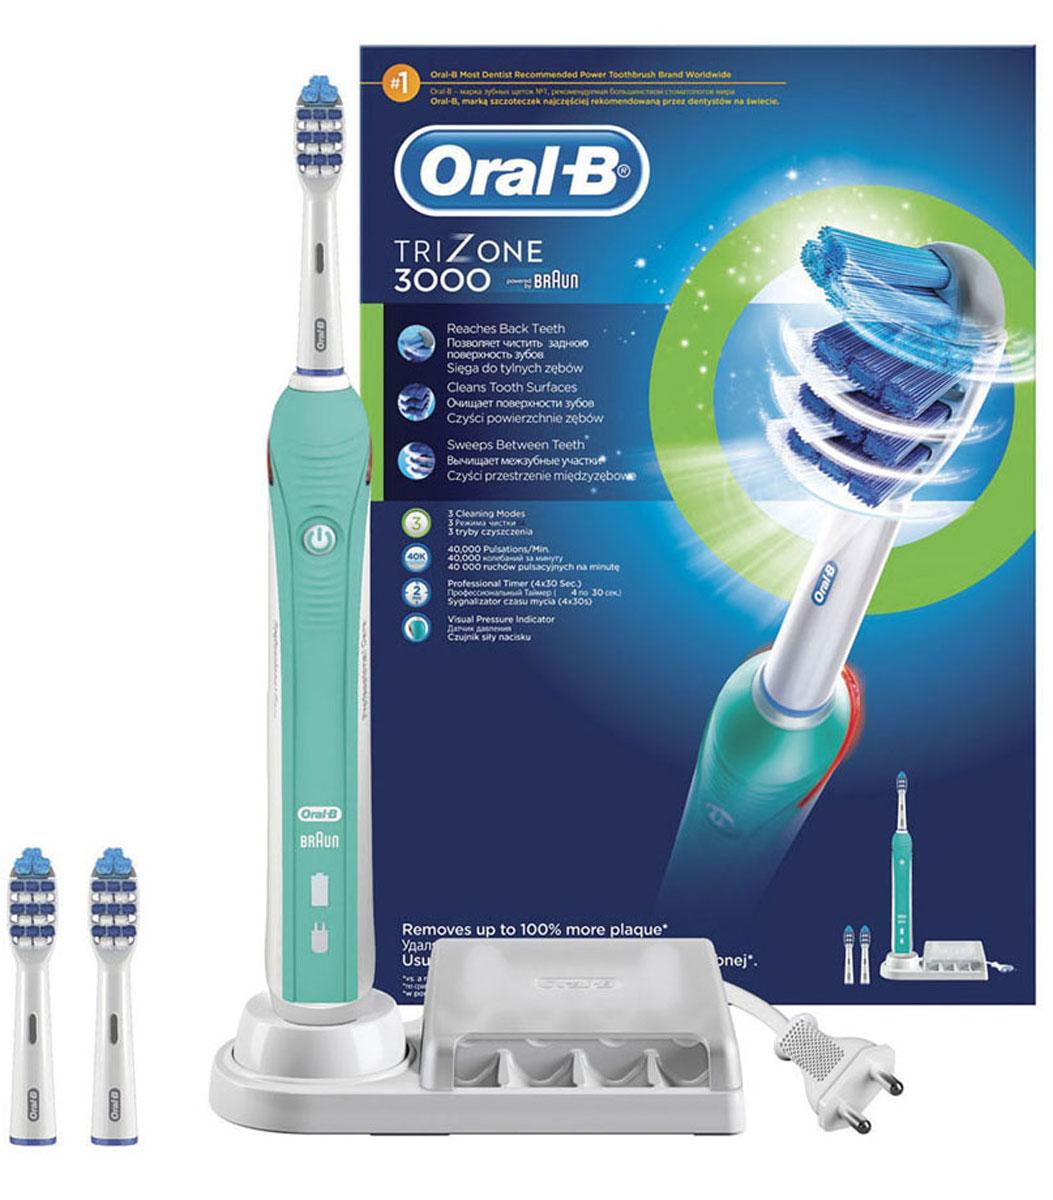 Электрическая зубная щетка Oral-B TriZone 3000CRS-80228236Благодаря специально разработанному дизайну головки зубная щетка TriZone достает до трудноступных мест, очищает поверхность зубов и проникает между зубами. Щетка разработана специально для тех, кто привык к классической технике чистки мануальной щеткой (выметающими движениями). Oral-B Trizone - единственная электрическая зубная щётка с использованием технологии трёхзонной чистки: Выступающие щетинки Power Tip очищают труднодоступные места, стационарная пульсирующая щетина качественно очищает поверхность зубов, а удлиненная вращающаяся пульсирующая щетина проникает в межзубное пространство. Головка щётки на 20% меньше по размеру, но покрывает площадь на 43% больше, чем головка мануальной щётки.Комплектация: аккумуляторная электрическая зубная щетка (1 шт.), сменная насадка Trizone (3 шт.), зарядное устройство (1 шт.)Три режима чистки: «Ежедневная чистка», «Для чувствительных зубов» и «Отбеливание».- Голубые щетинки Indicator обеспечиваются наполовину, сигнализируя о необходимости замены насадки (чтобы постоянно получать превосходный результат, менять насадку рекомендуется в среднем раз в 3 месяца).Подходит для детей с 3 лет.Перейдите на новый уровень чистки за 2 минуты!* Oral-B – марка зубных щеток №1, используемая большинством стоматологов мира!* (* на основании международных опросов P&G среди репрезентативной выборки стоматологов, проводимых регулярно, в т.ч. 2013-2015 гг.)* Удаляет до 100% больше зубного налета по сравнению с обычной зубной щеткой без изменения привычной техники чистки.* 3 режима чистки + встроенный таймер обеспечивают комплексный уход в учетом рекомендий стоматологов.* Oral-B представляет большое разнообразие сменных насадок для электрических щеток. Все щетки Oral-B с возвратно-вращательной технологией (включая щетку Trizone) cочетаются со всеми насадками Oral-B (кроме звуковой насадки Sonic). Вы сможете подобрать насадку, максимально отвечающую вашим потребностям.* Производится в Германии